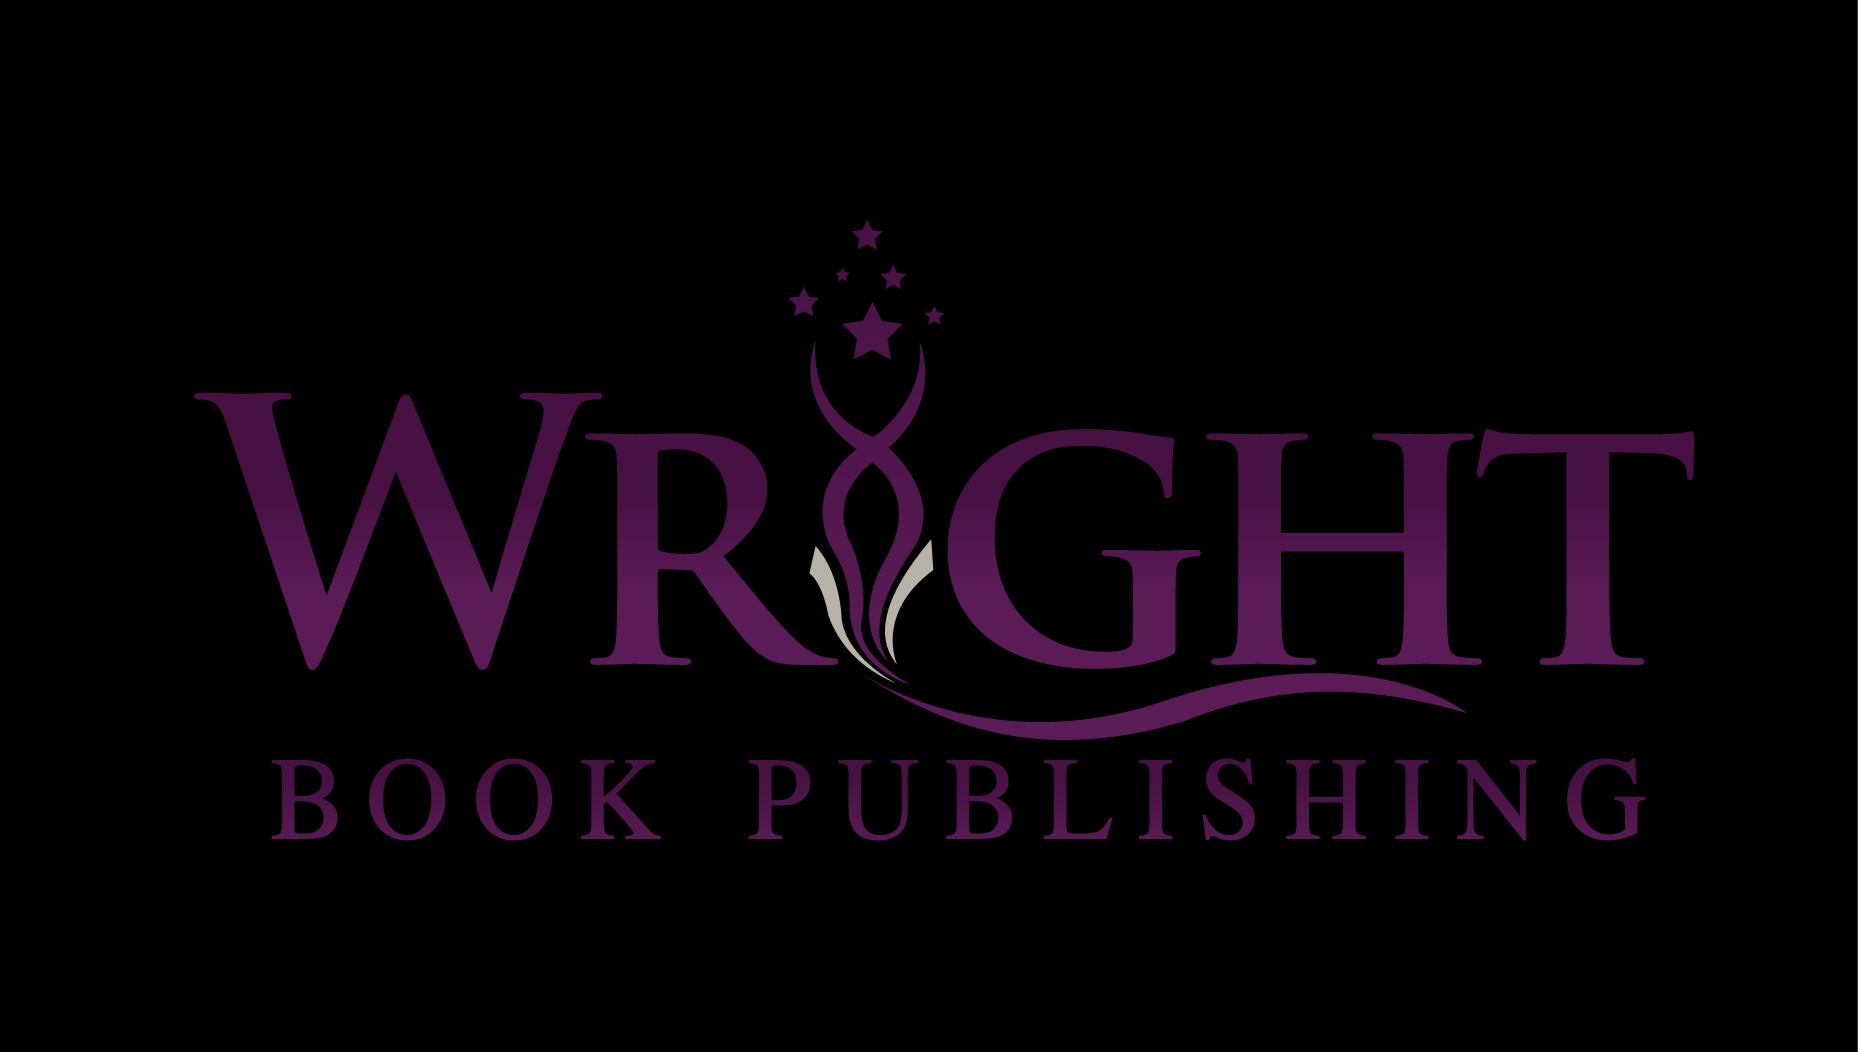 Wright Book Publishing